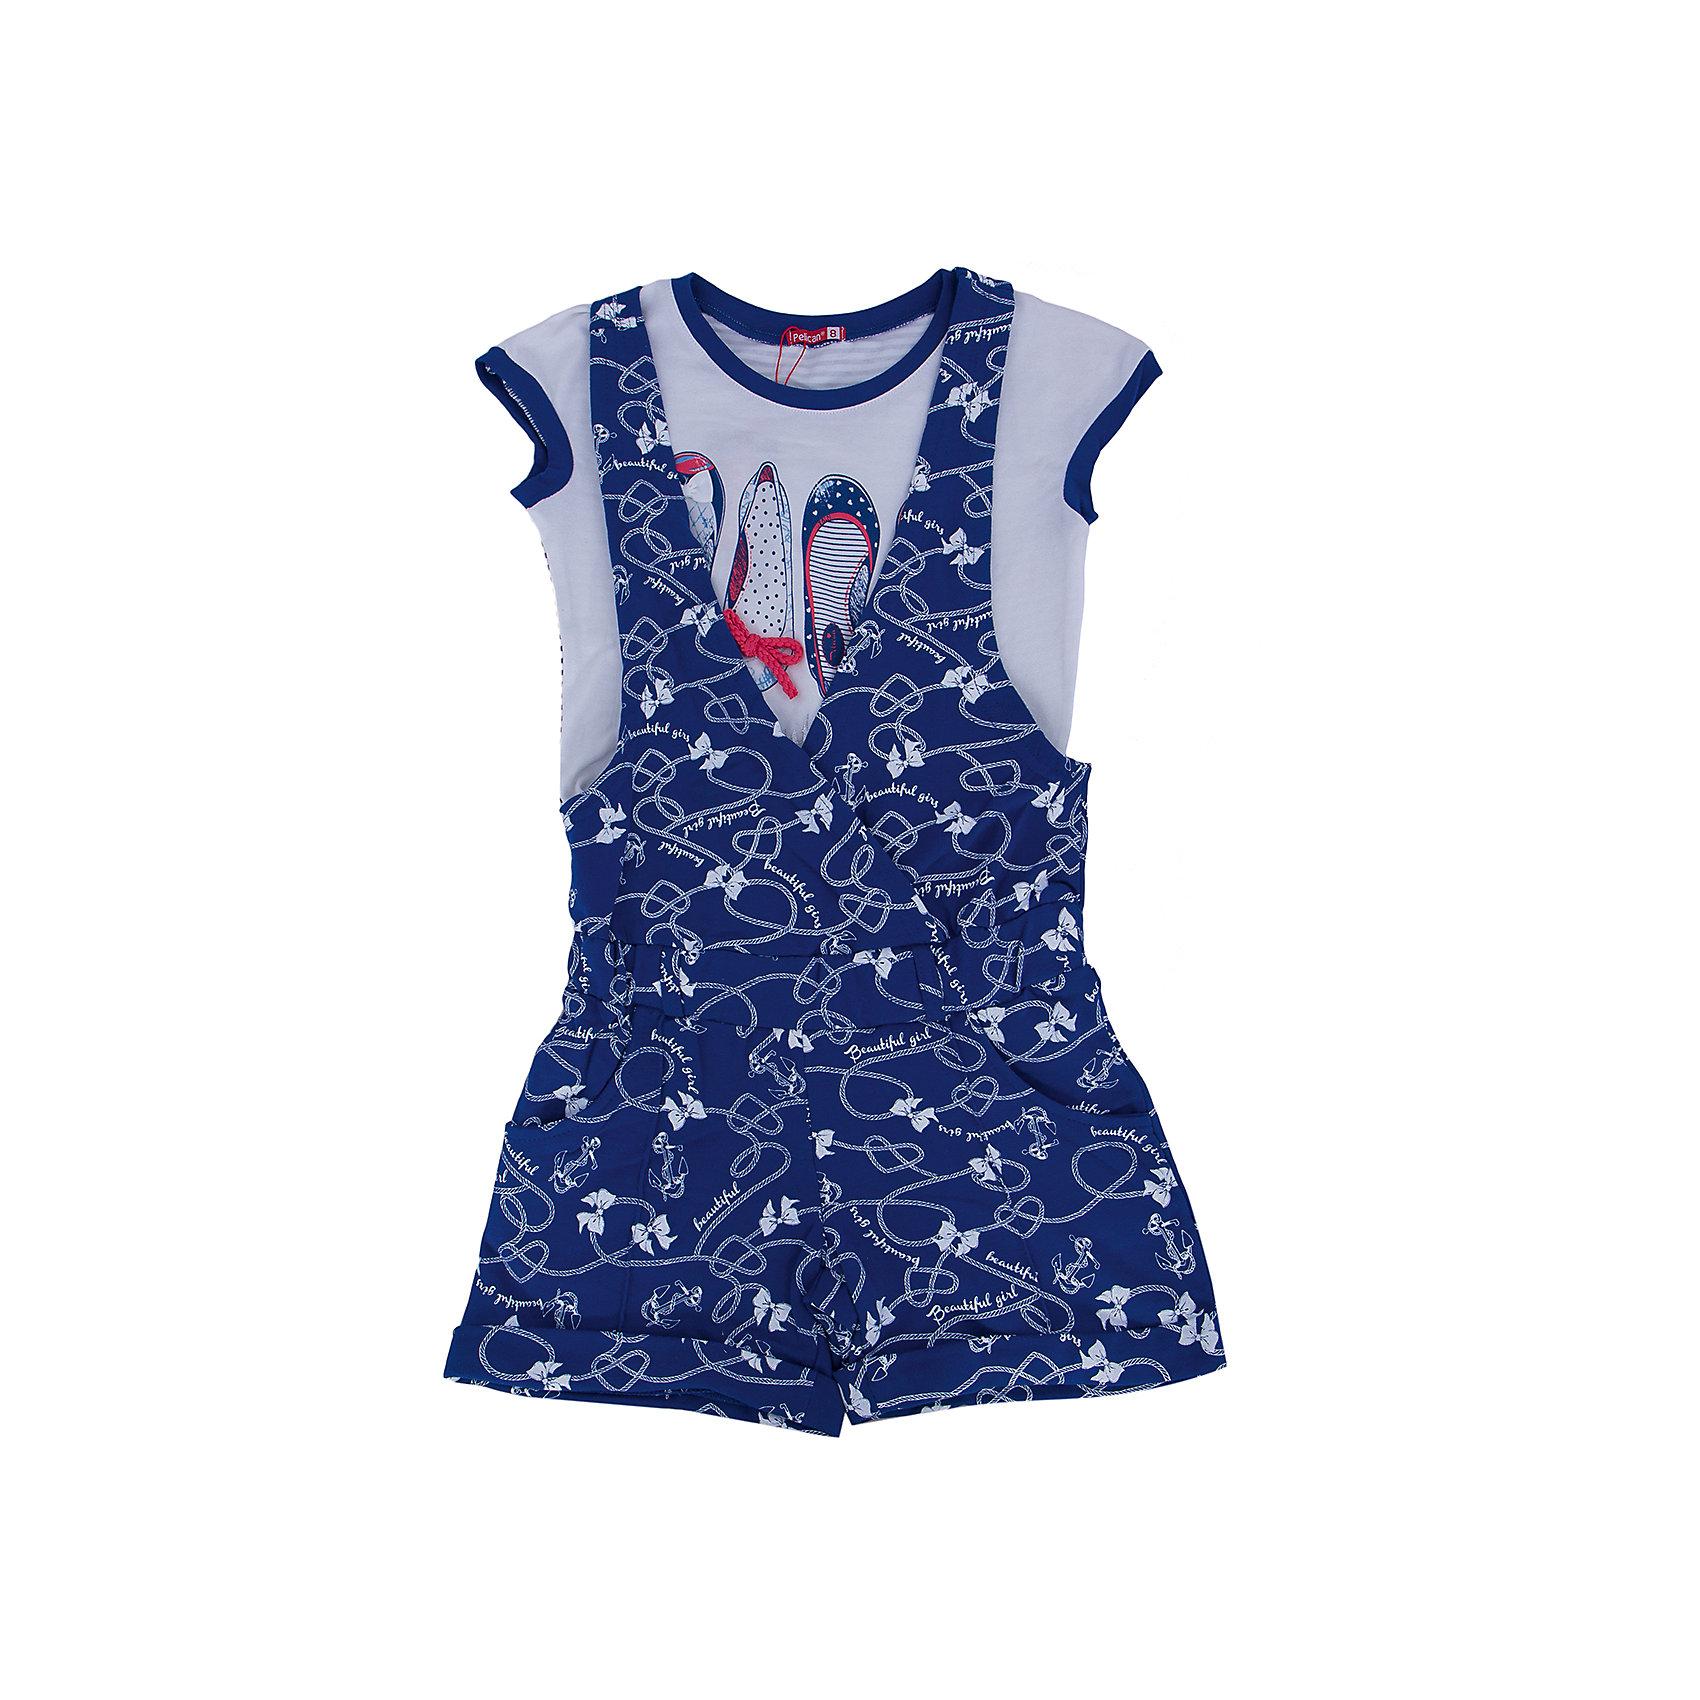 Комплект для девочки PELICANКомплекты<br>Очень модный комплект для девочки состоит из футболки и полукомбинезона. Удобные вещи помогут разнообразить гардероб ребенка, создать подходящий погоде ансамбль. Удобный крой и качественный материал обеспечат ребенку комфорт при ношении этих вещей. <br>Полукомбинезон очень стильно смотрятся благодаря актуальному в этот сезоне дизайну. Футболка - с модным принтом и короткими рукавами. Материал - легкий, отлично подходит для лета, состоит преимущественно из дышащего натурального хлопка. Очень приятен на ощупь, не вызывает аллергии.<br><br>Дополнительная информация:<br><br>материал: футболка - 93% хлопок, 7% эластан, полукомбинезон - 100% хлопок;<br>цвет: синий;<br>футболка - с принтом;<br>рукава короткие;<br>на полукомбинезоне - шлевки и карманы.<br><br>Комплект для девочки от бренда PELICAN (Пеликан) можно купить в нашем магазине.<br><br>Ширина мм: 215<br>Глубина мм: 88<br>Высота мм: 191<br>Вес г: 336<br>Цвет: синий<br>Возраст от месяцев: 96<br>Возраст до месяцев: 108<br>Пол: Женский<br>Возраст: Детский<br>Размер: 134,140,128,122,116<br>SKU: 4804922